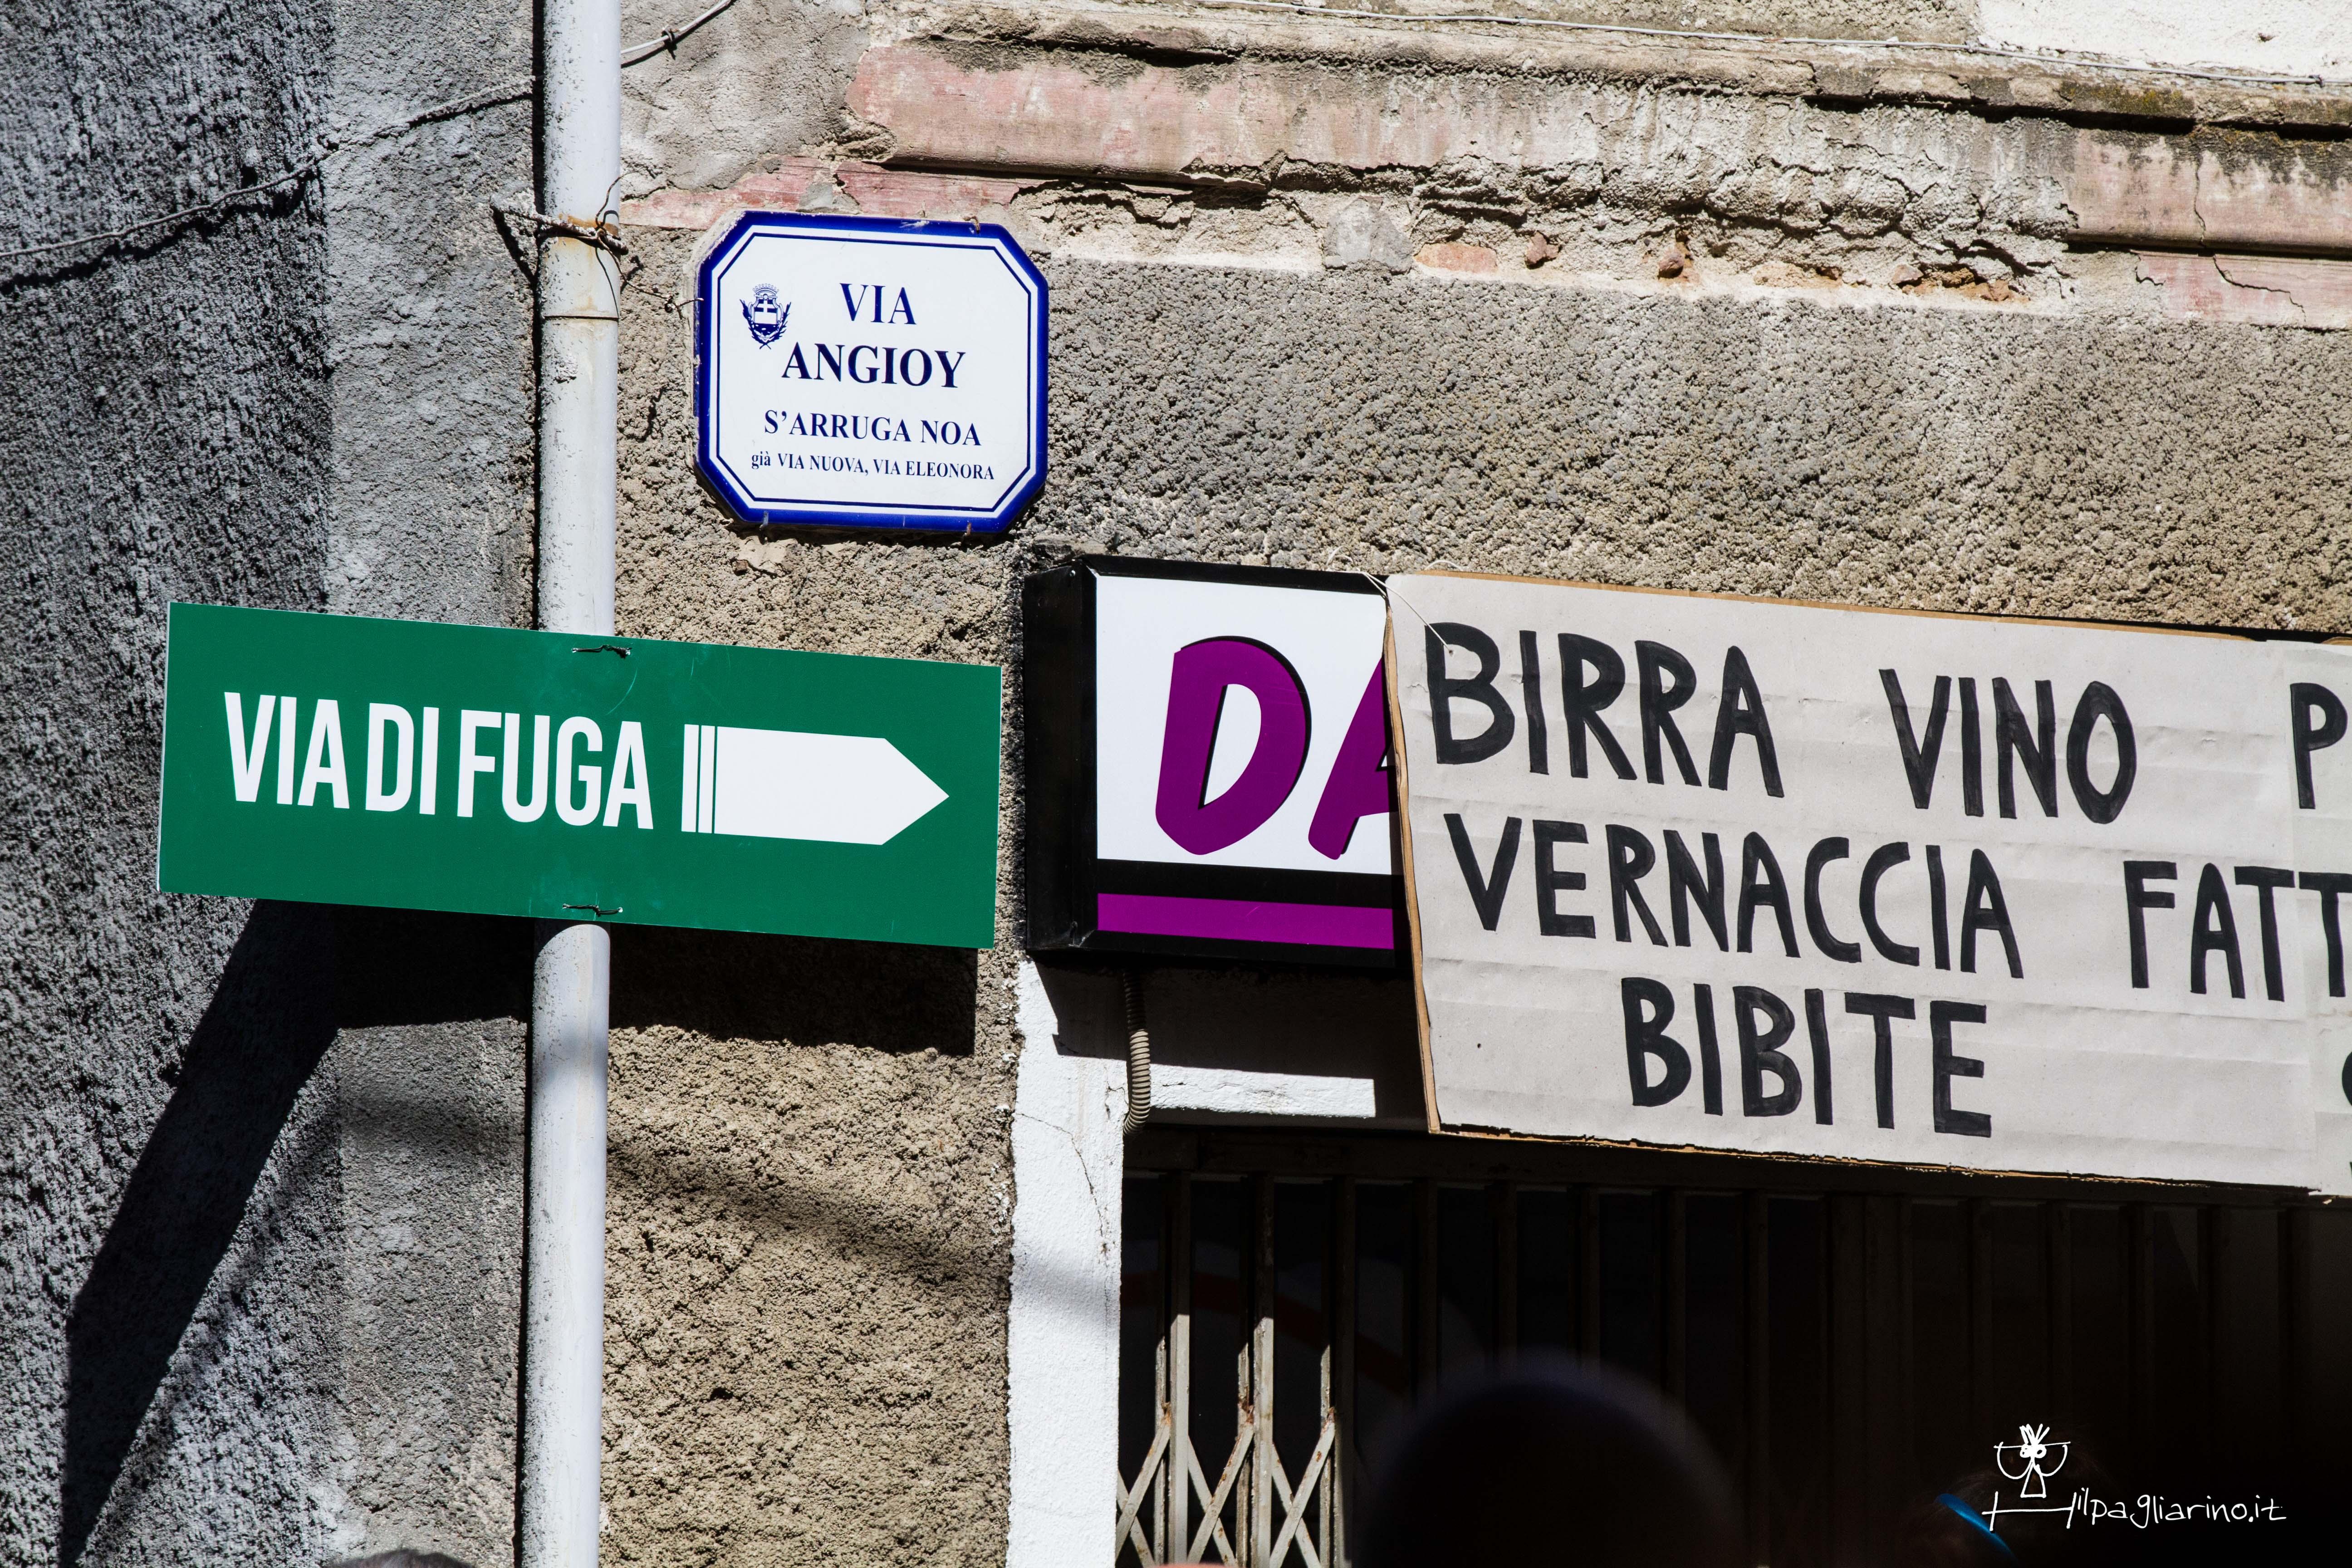 Sartiglia 2019-30138